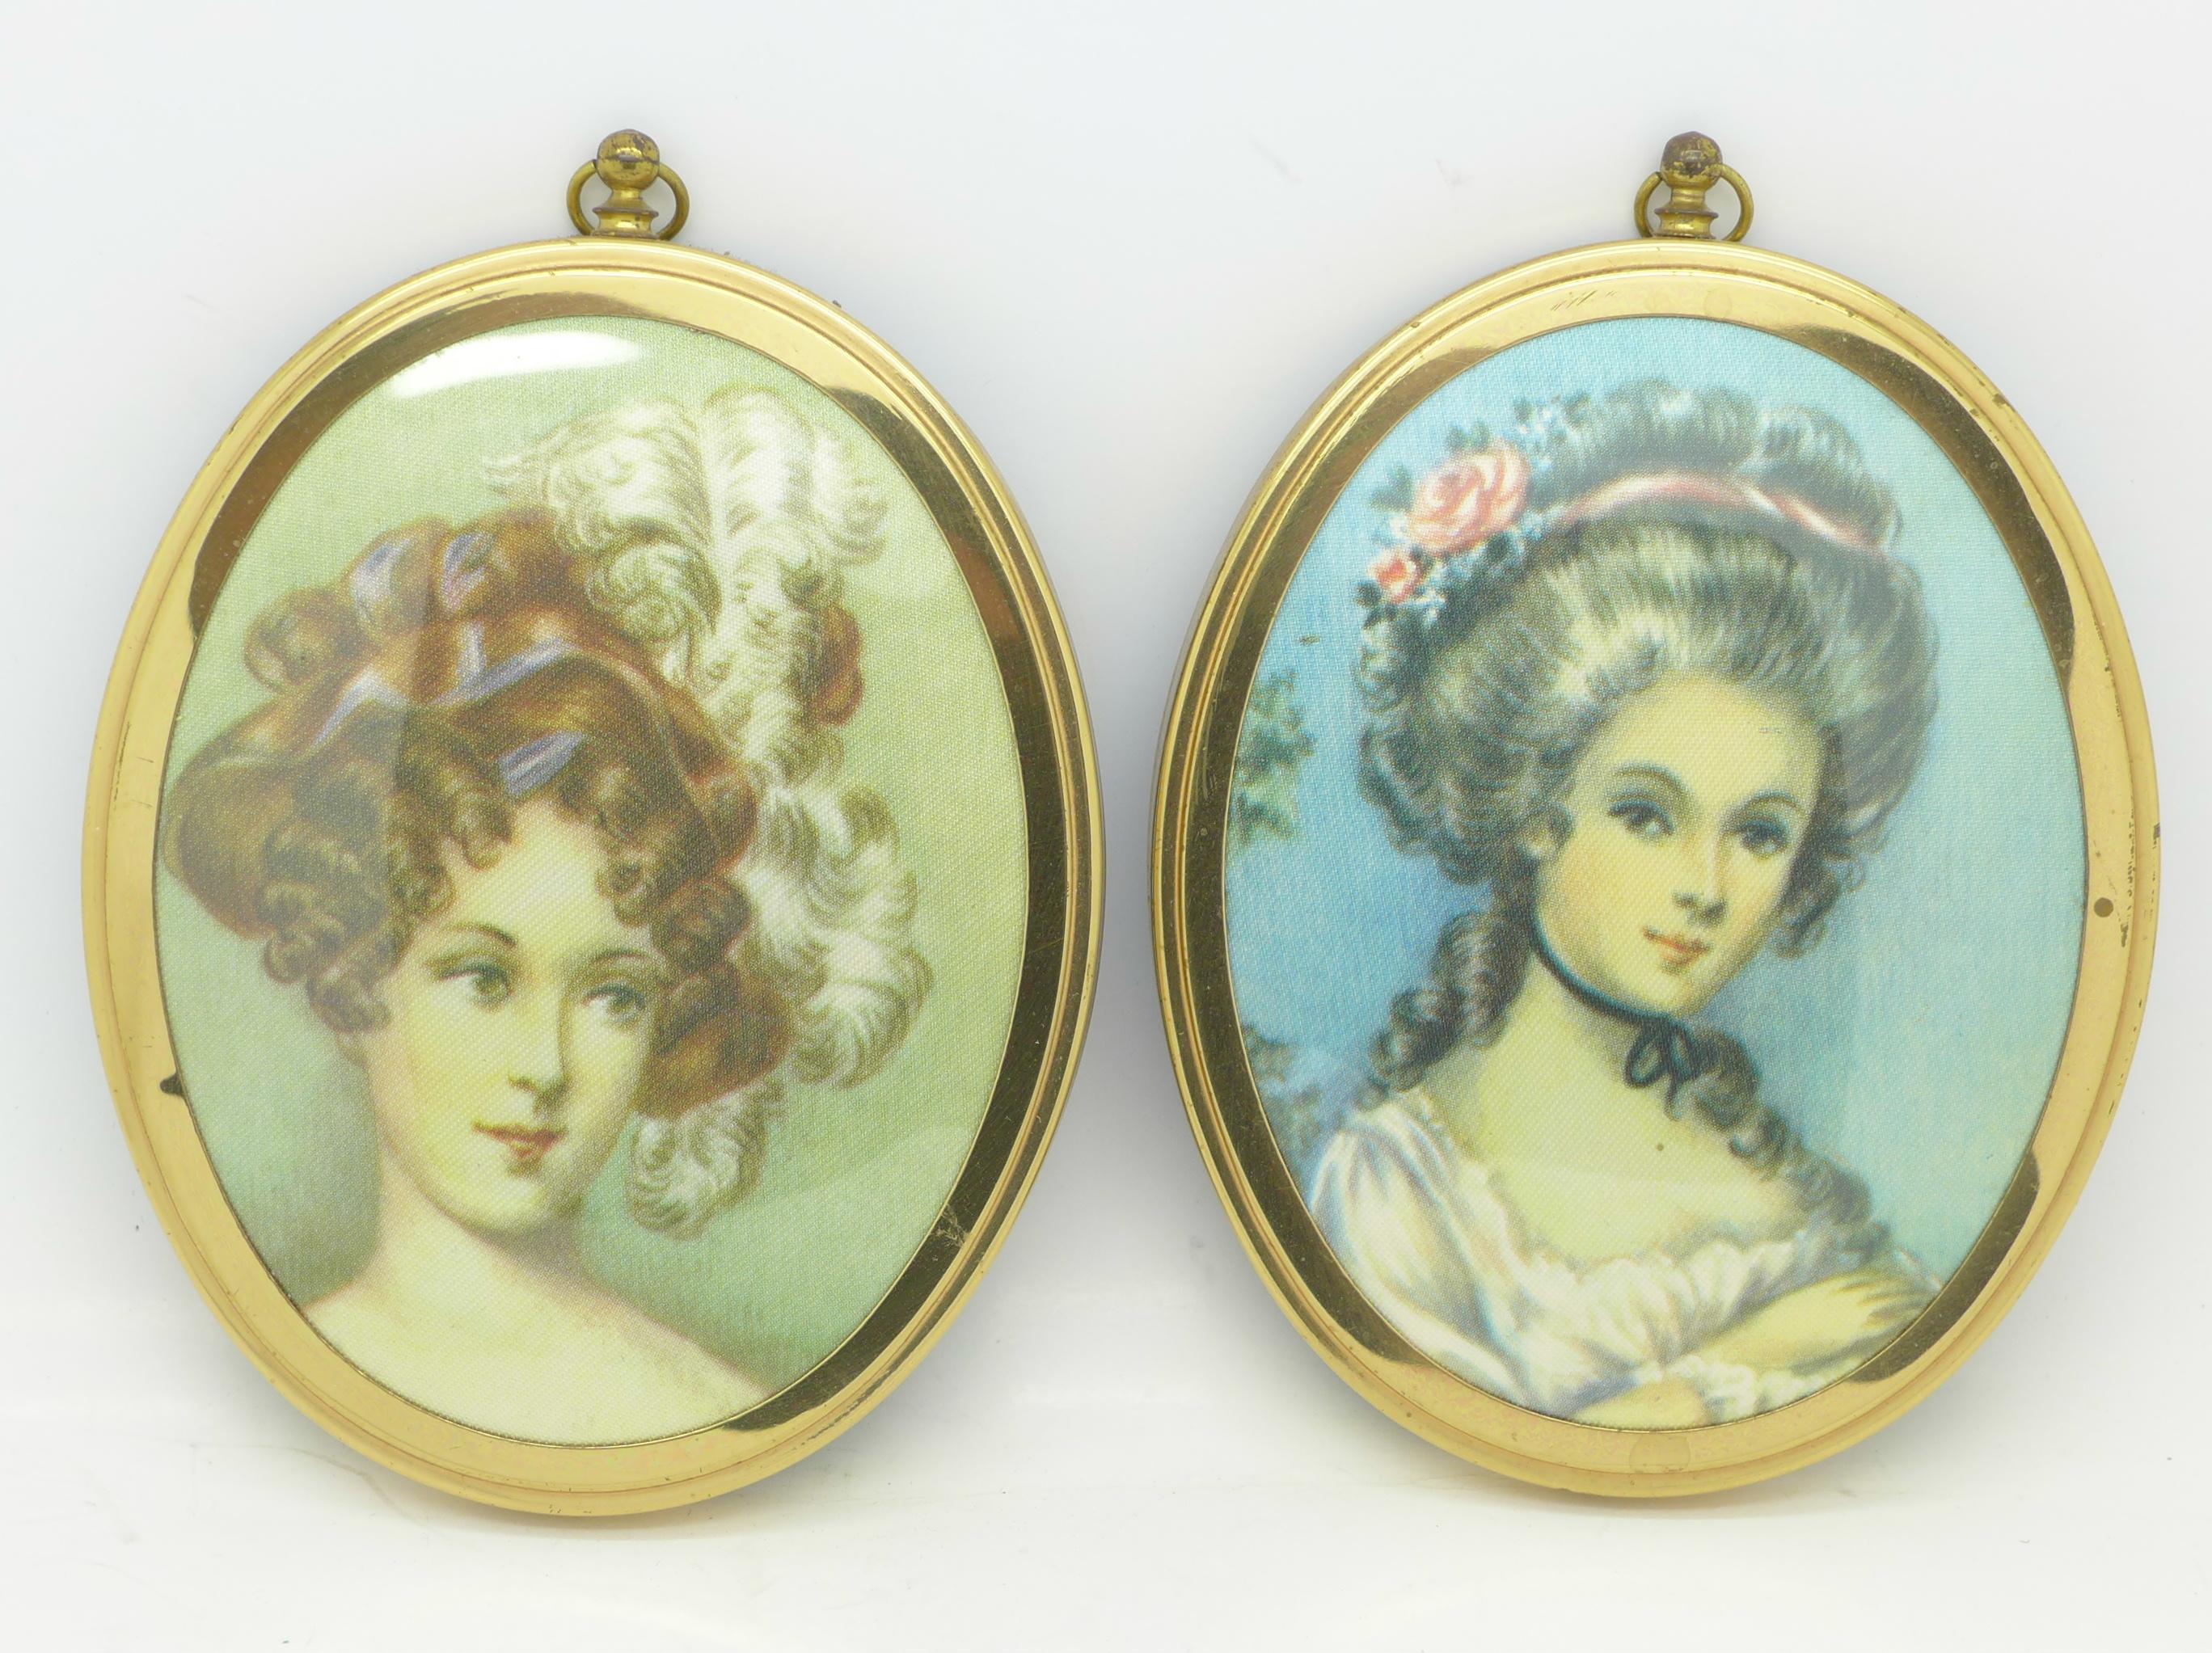 Lot 607 - Two oval portrait prints,